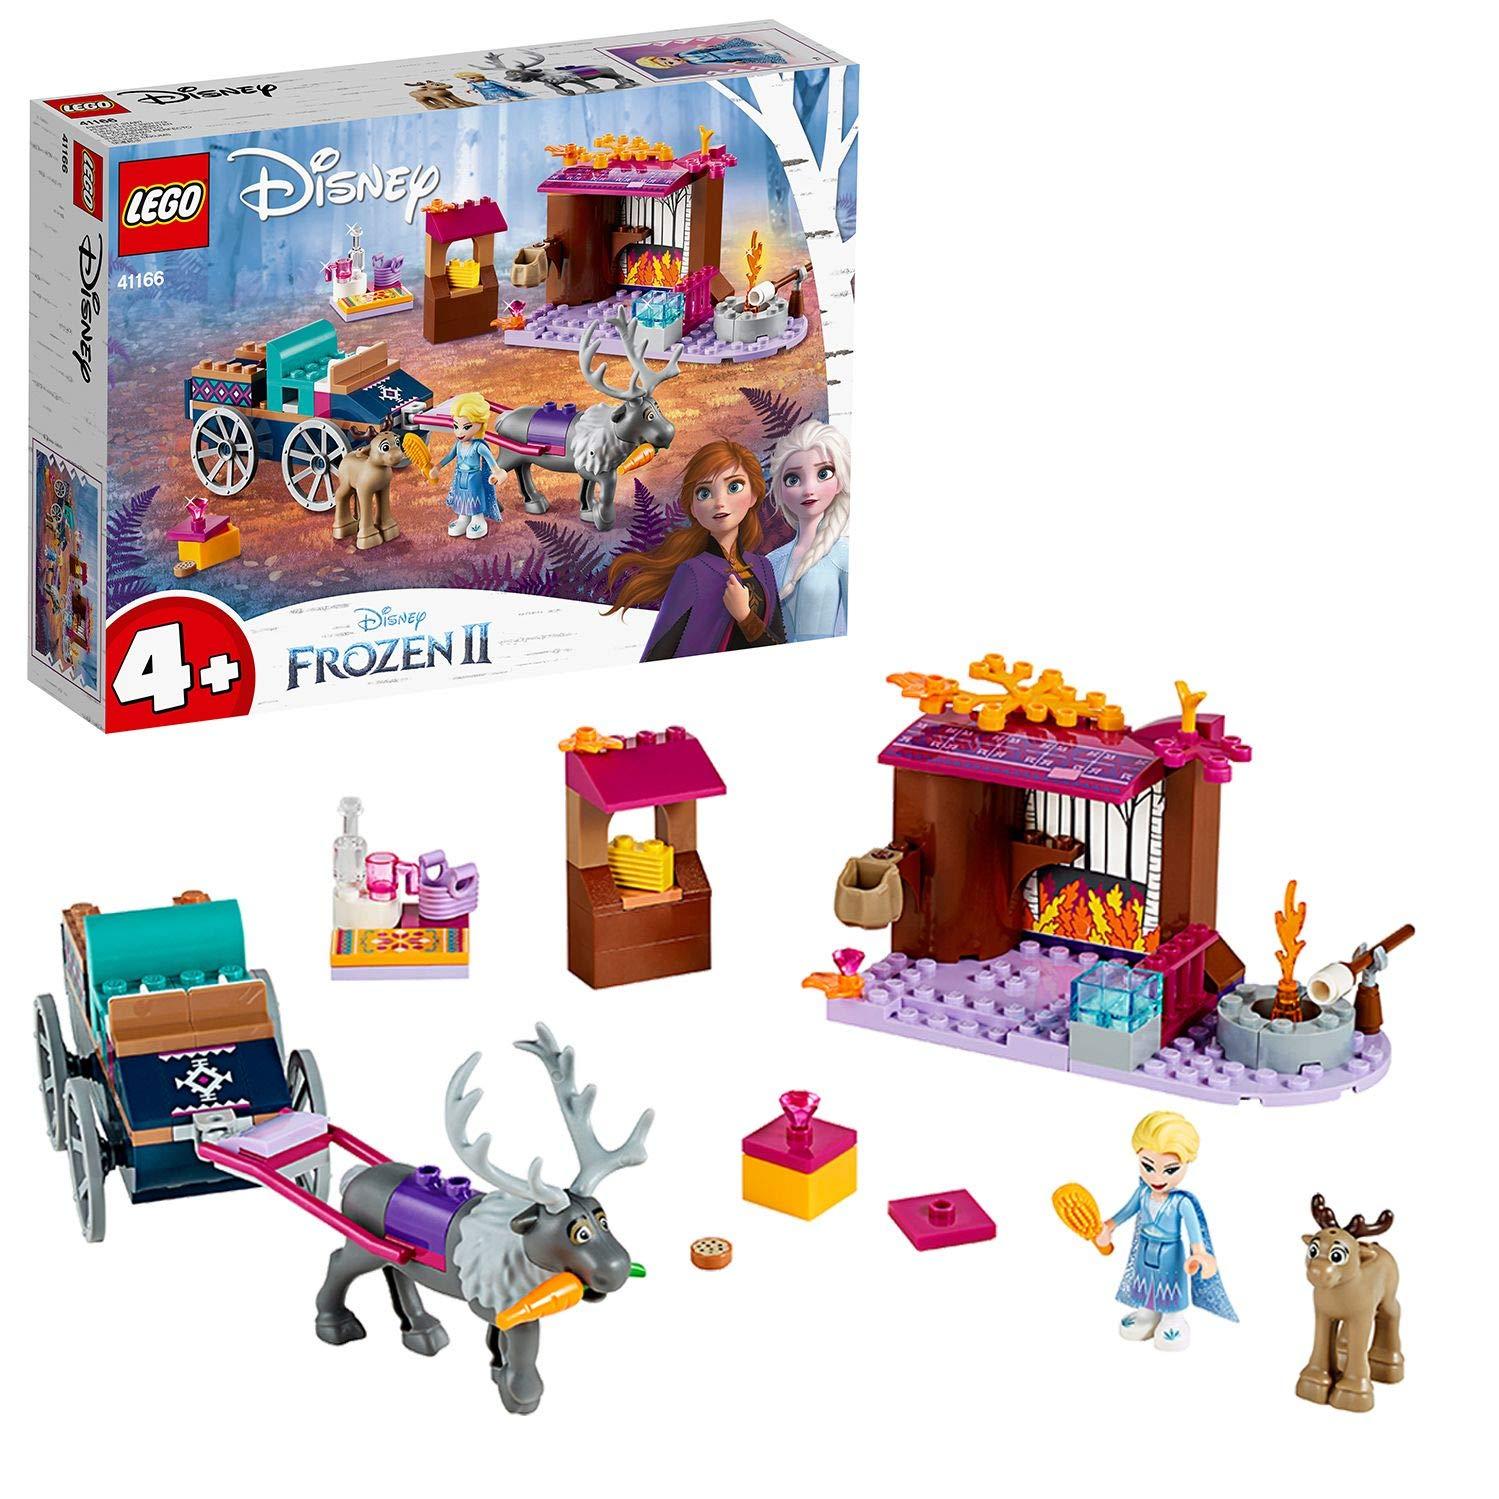 レゴ(LEGO) ディズニープリンセス アナと雪の女王2 エルサのワゴン・アドベンチャー 41166